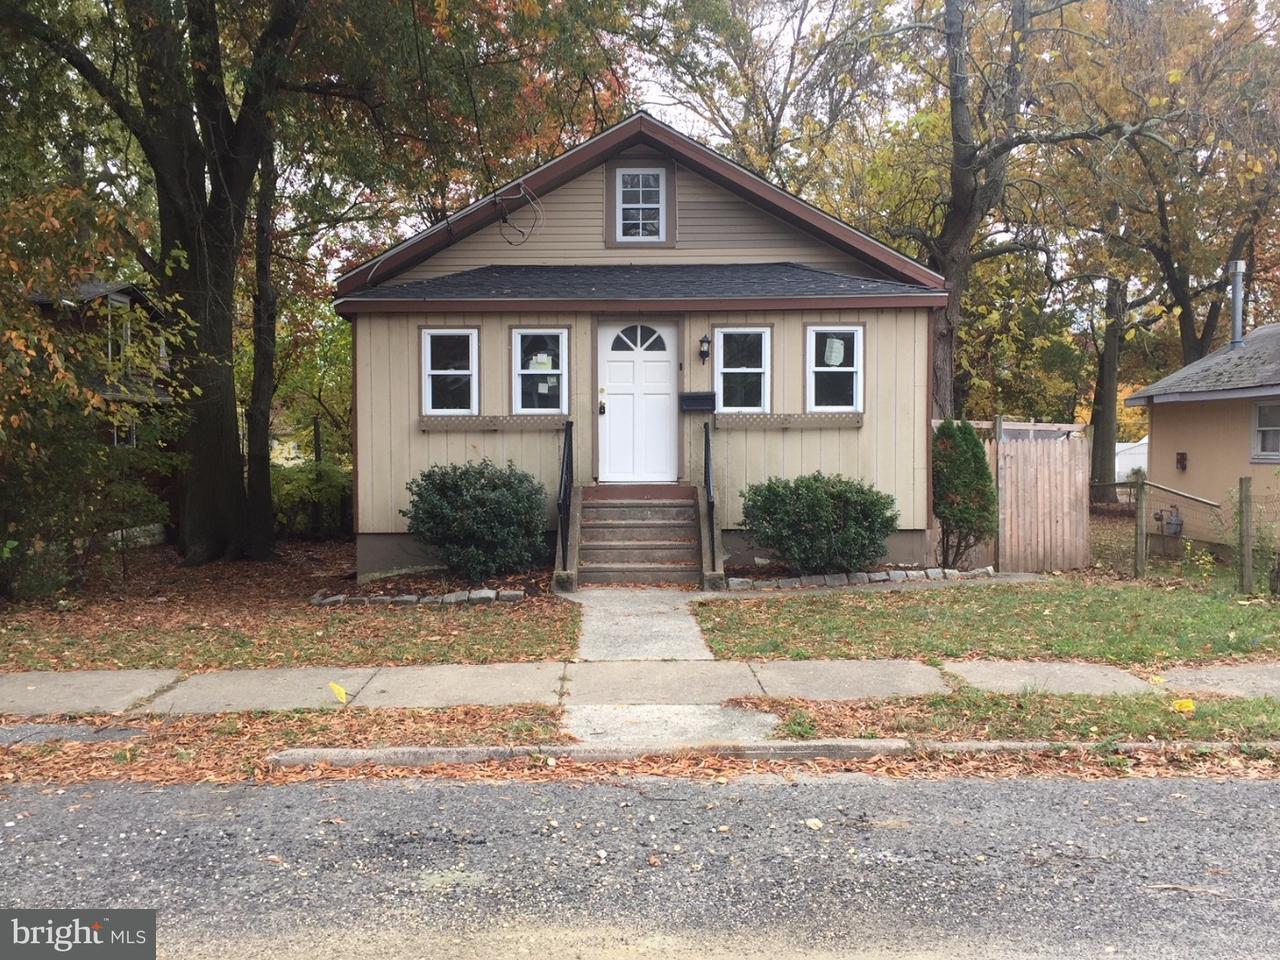 Частный односемейный дом для того Аренда на 323 W EVERGREEN Avenue Somerdale, Нью-Джерси 08083 Соединенные Штаты